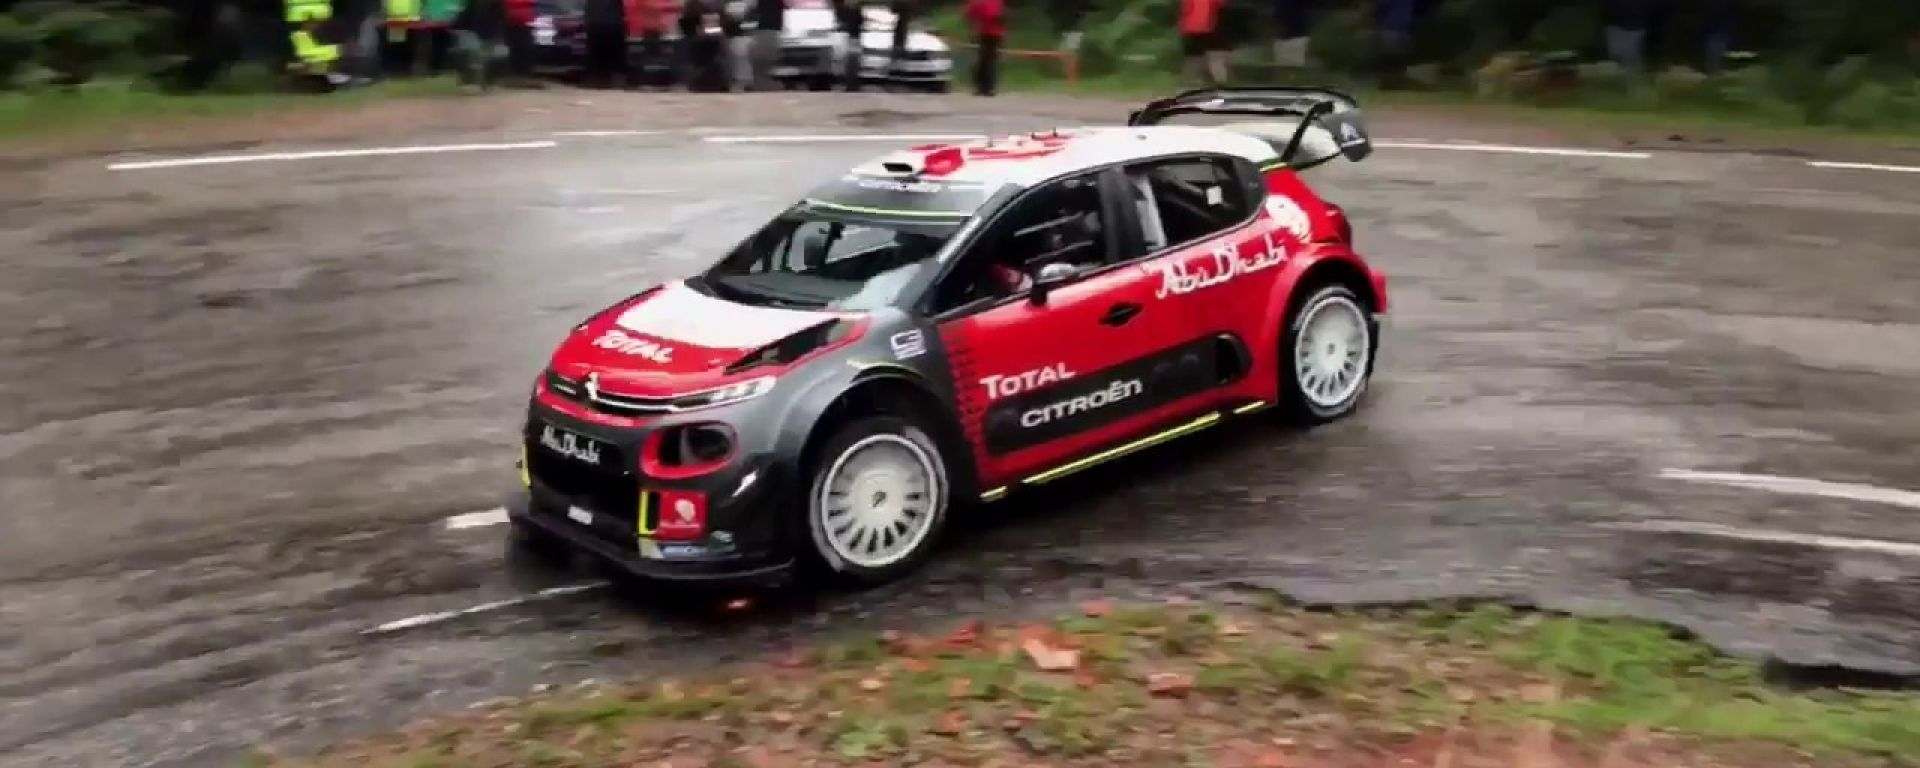 La Citroen C3 WRC con Sebastien Loeb a bordo